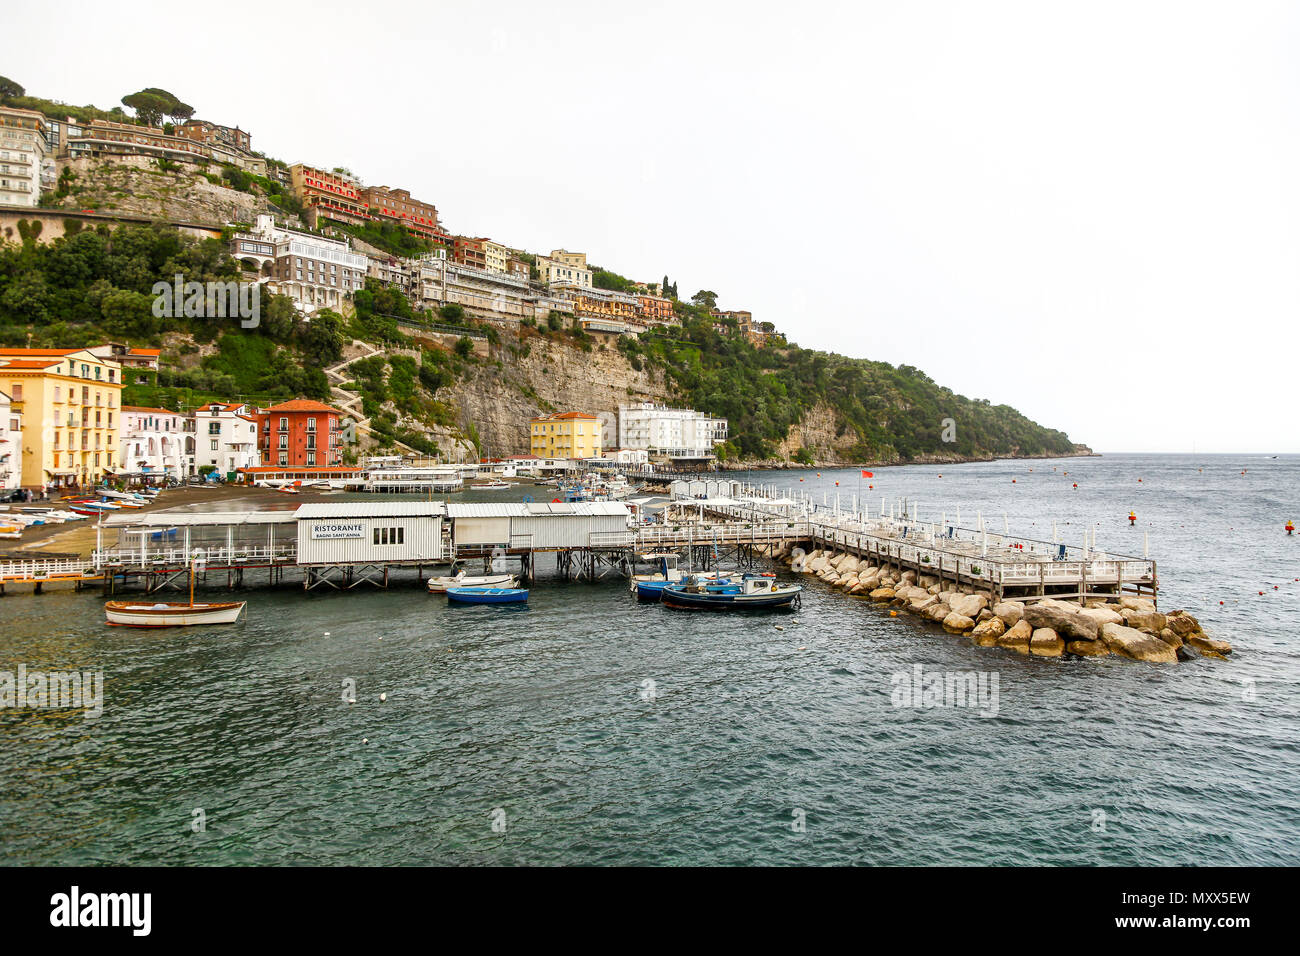 The Port of Marina Grande, Sorrento, Bay of Naples, Italy - Stock Image